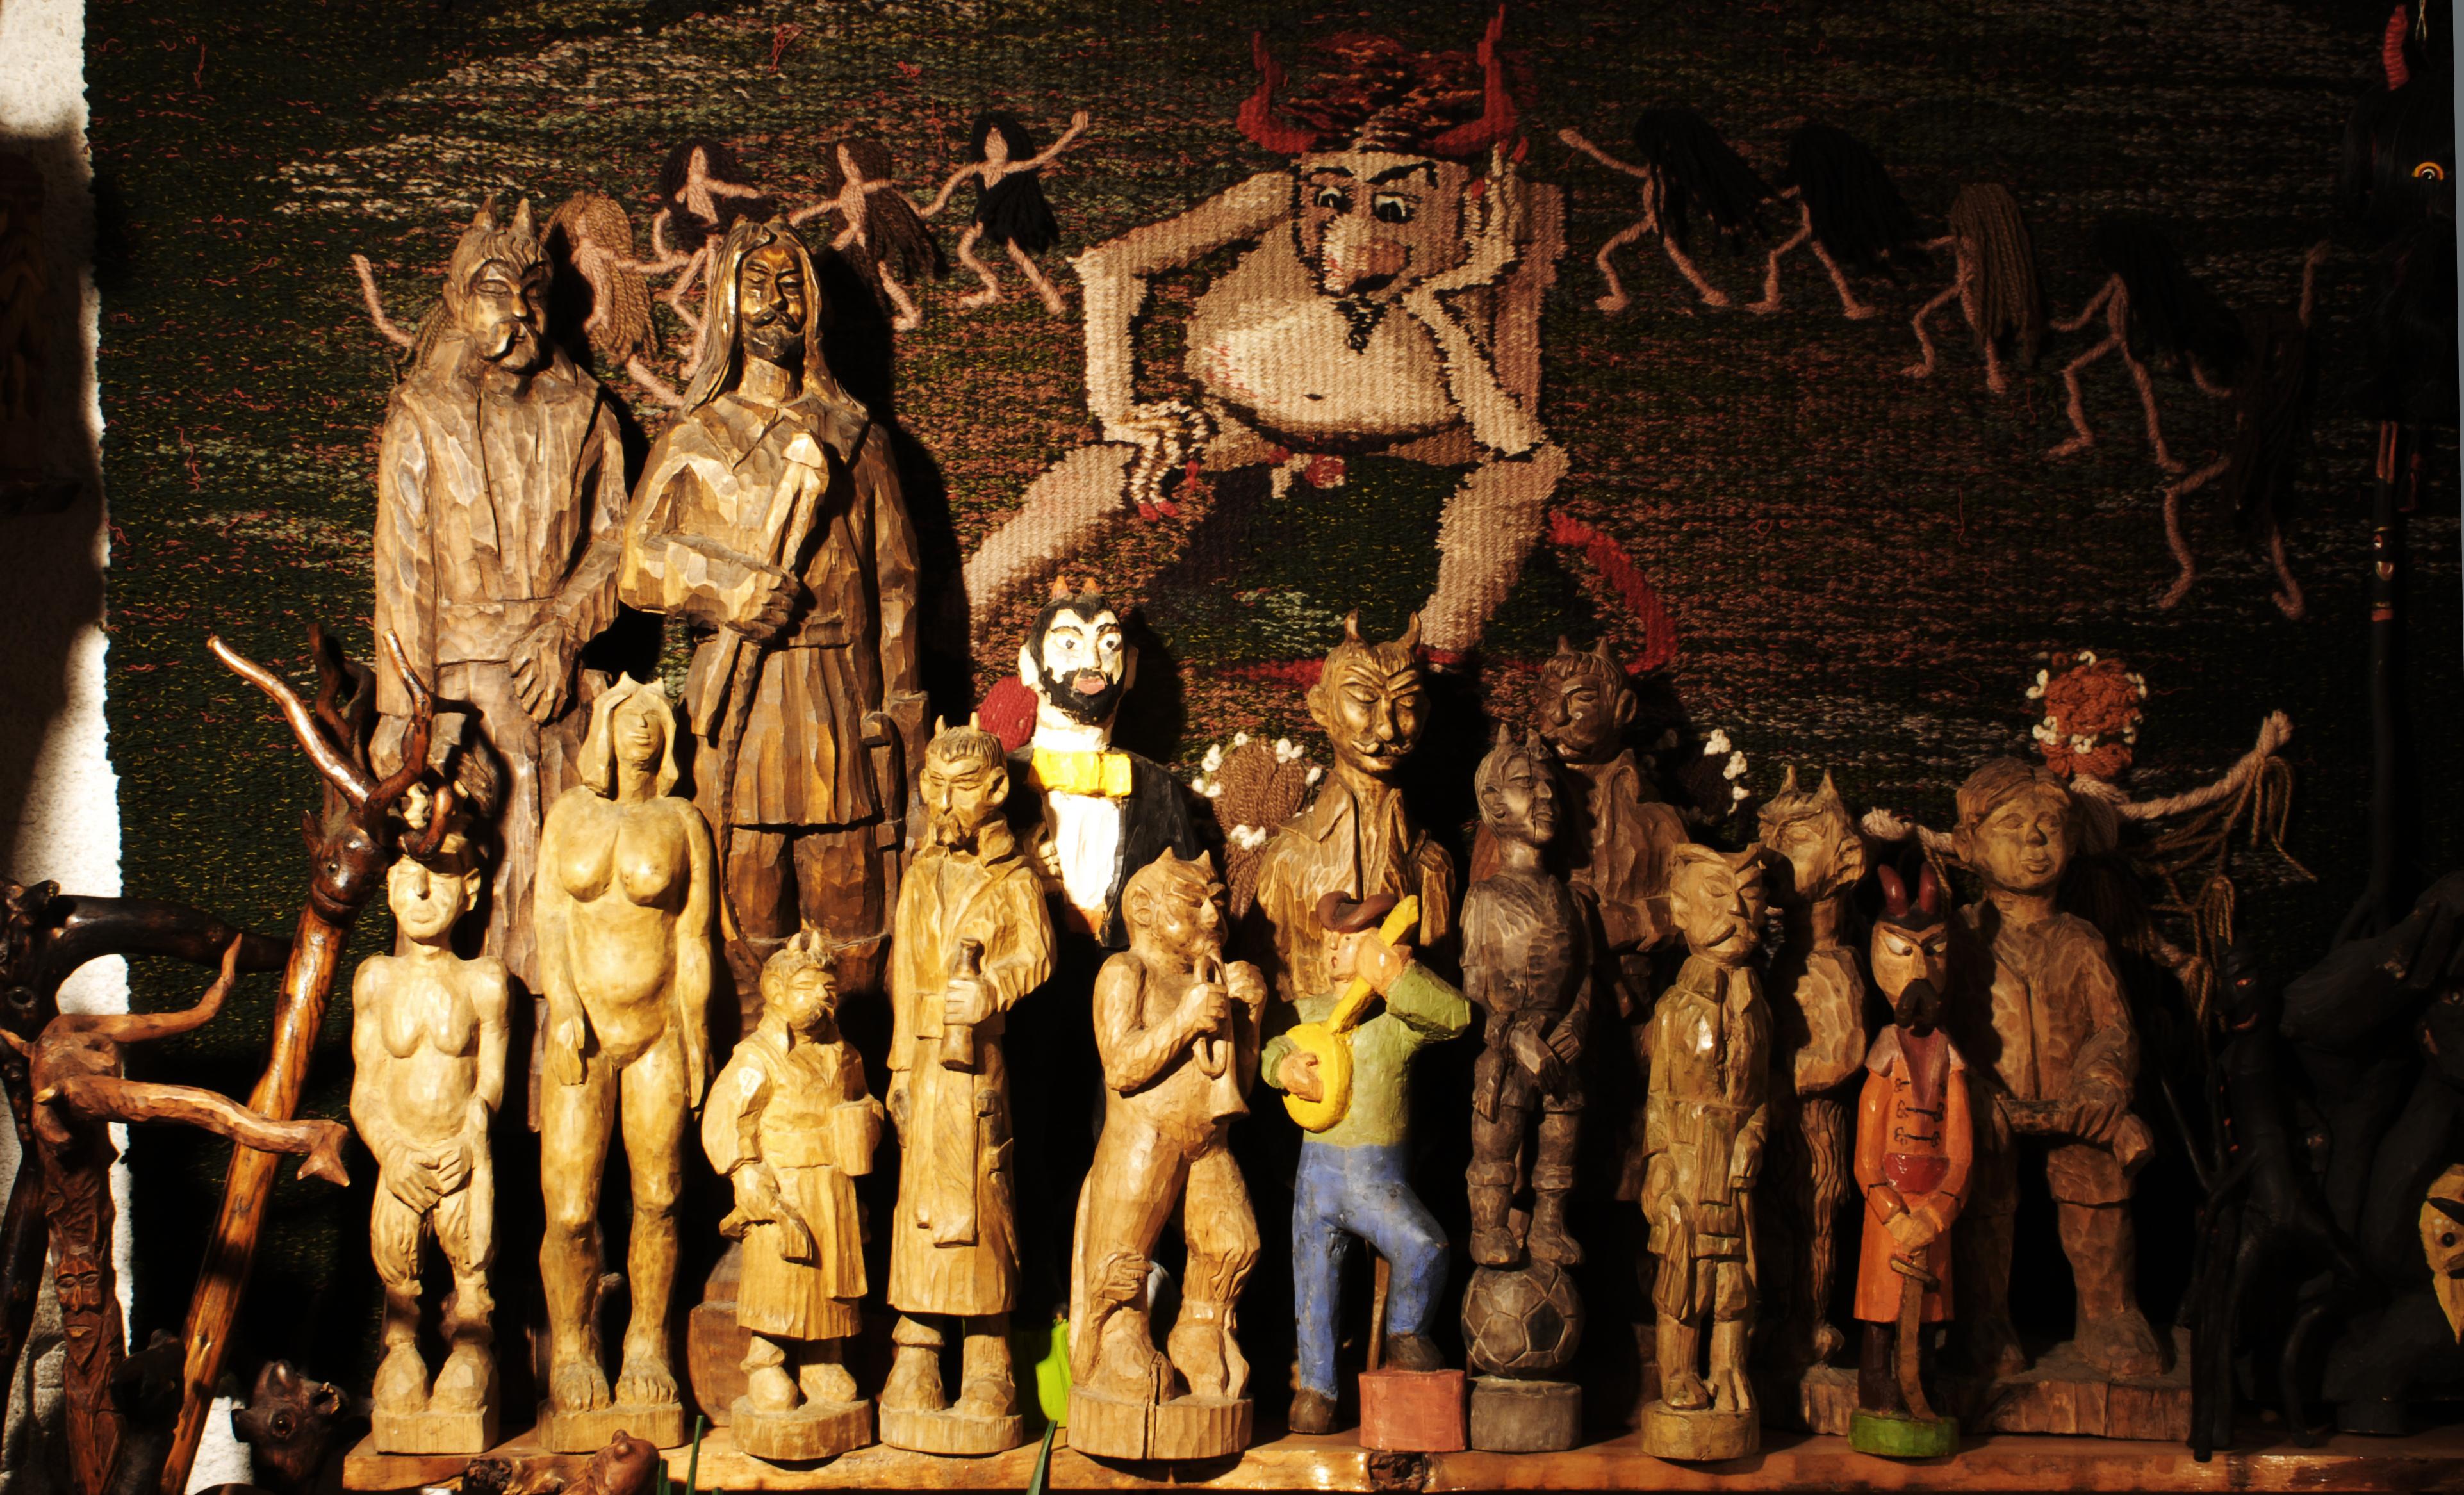 Szkolenie dla organizatorów i założycieli muzeów niebędących instytucjami kultury (tzw. muzea prywatne)